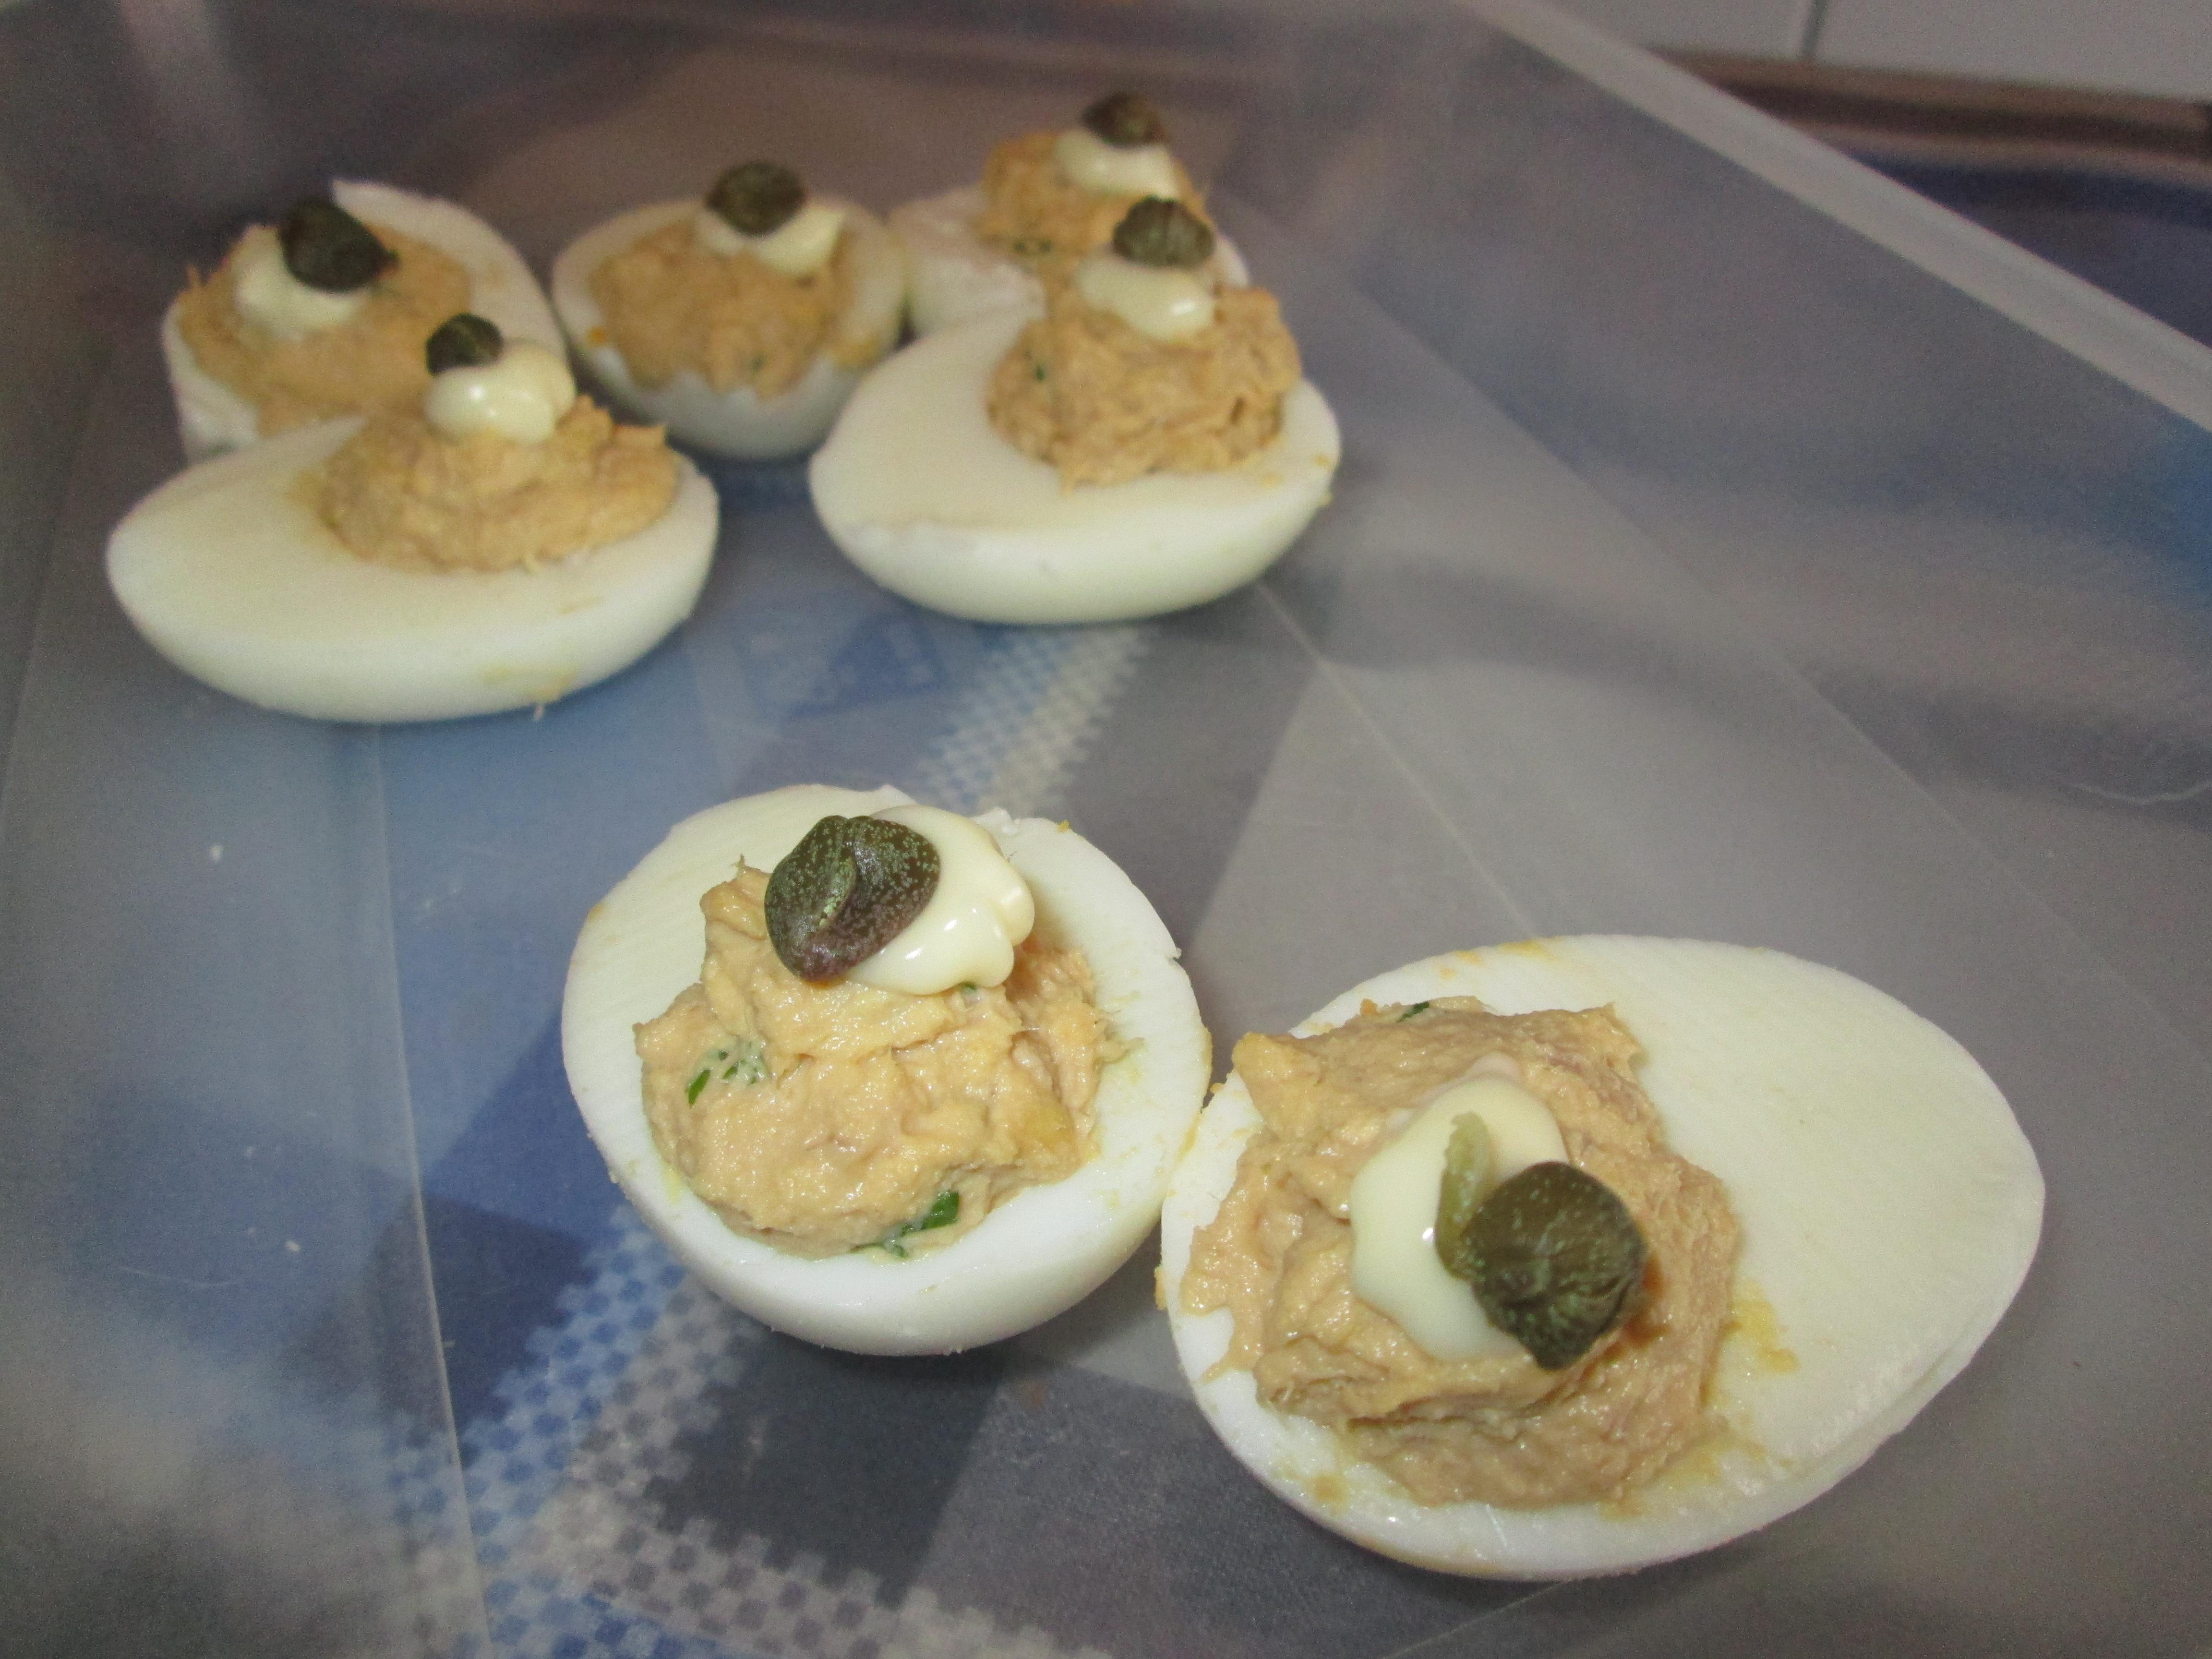 Uova sode ripiene la cucina azzurra di francesca for La cucina di francesca valmadonna